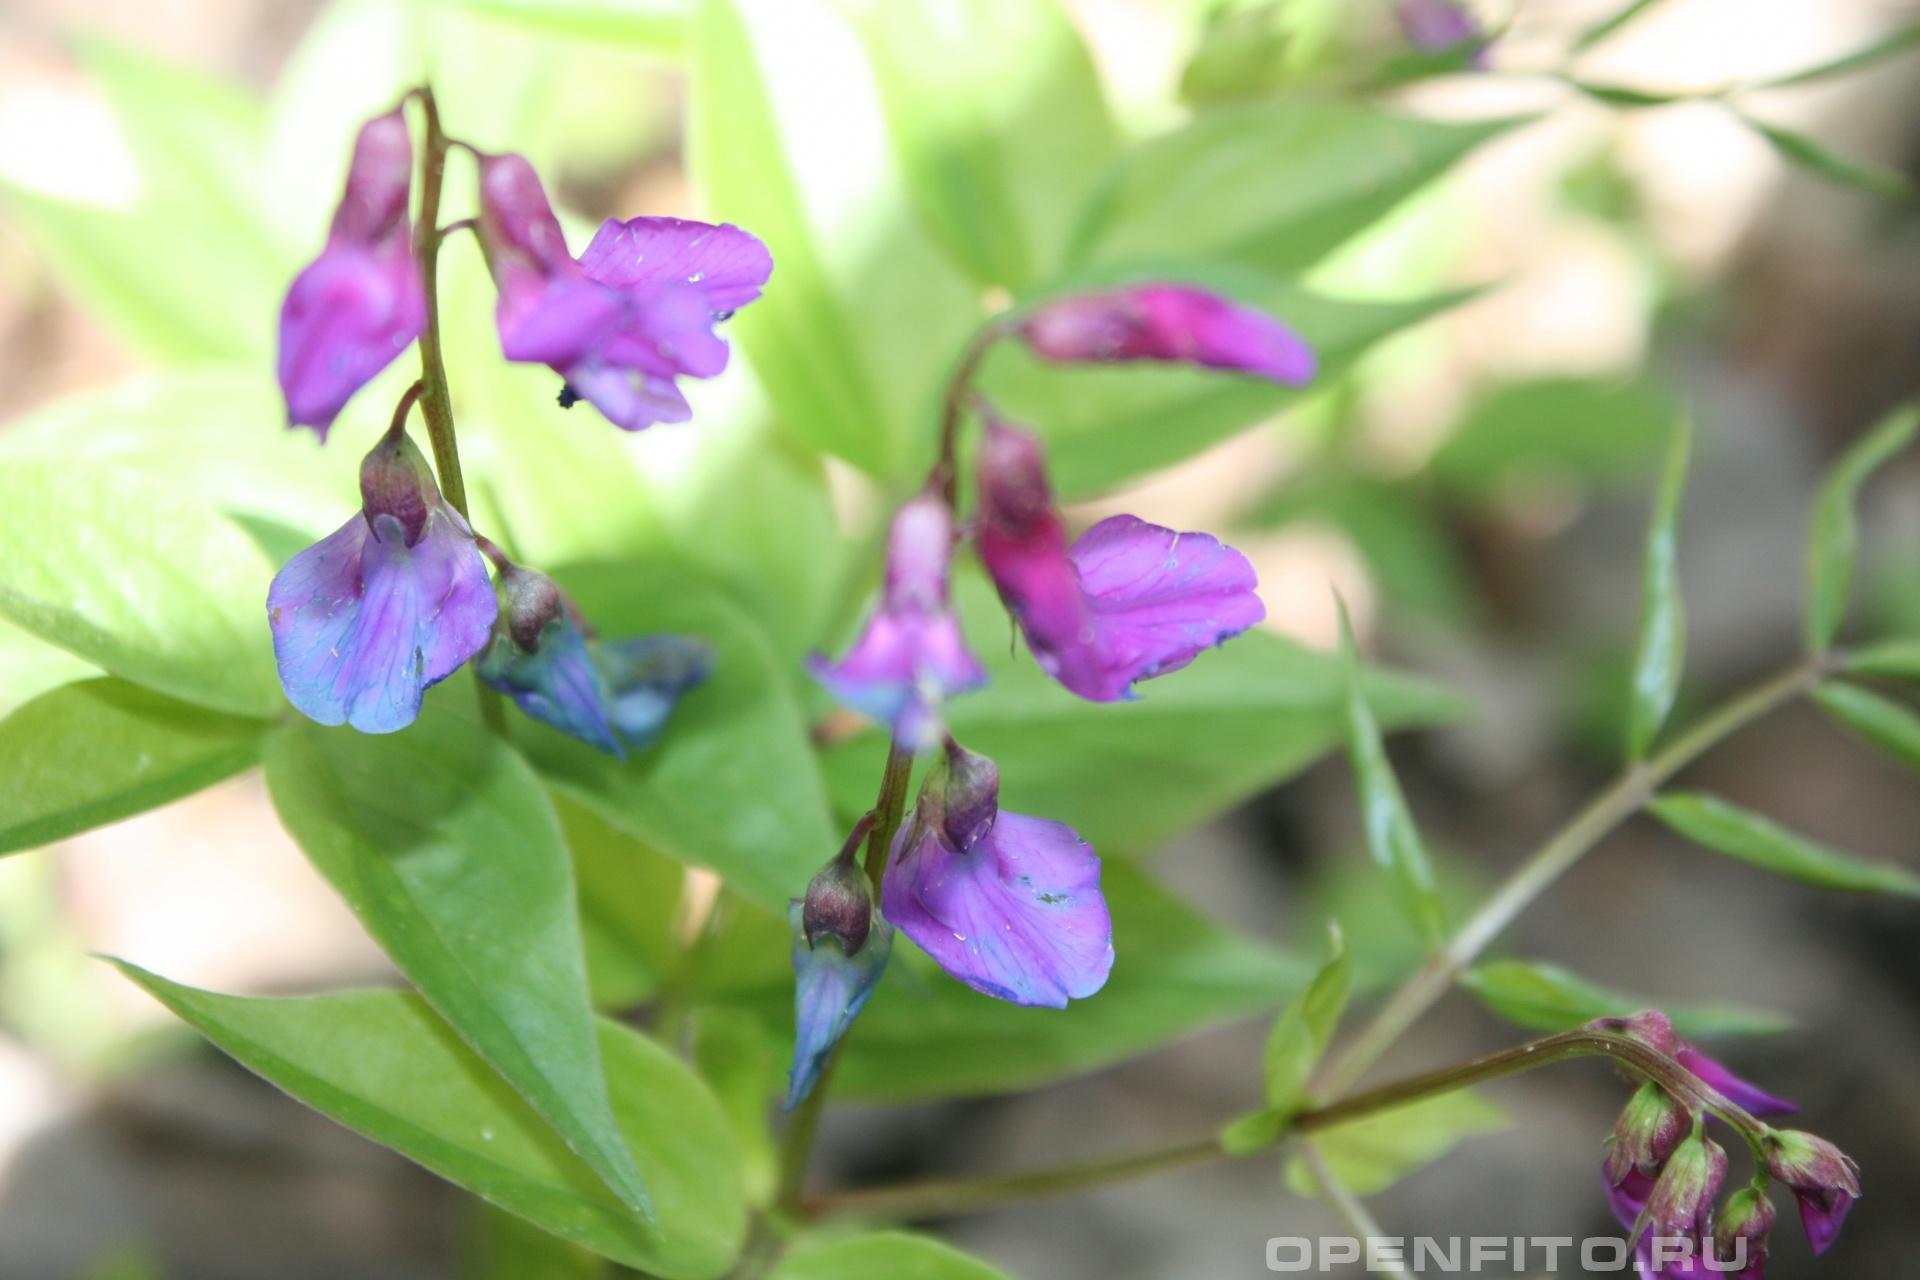 Сочевичник весенний Растёт в хвойных и смешанных лесах, лекарственное